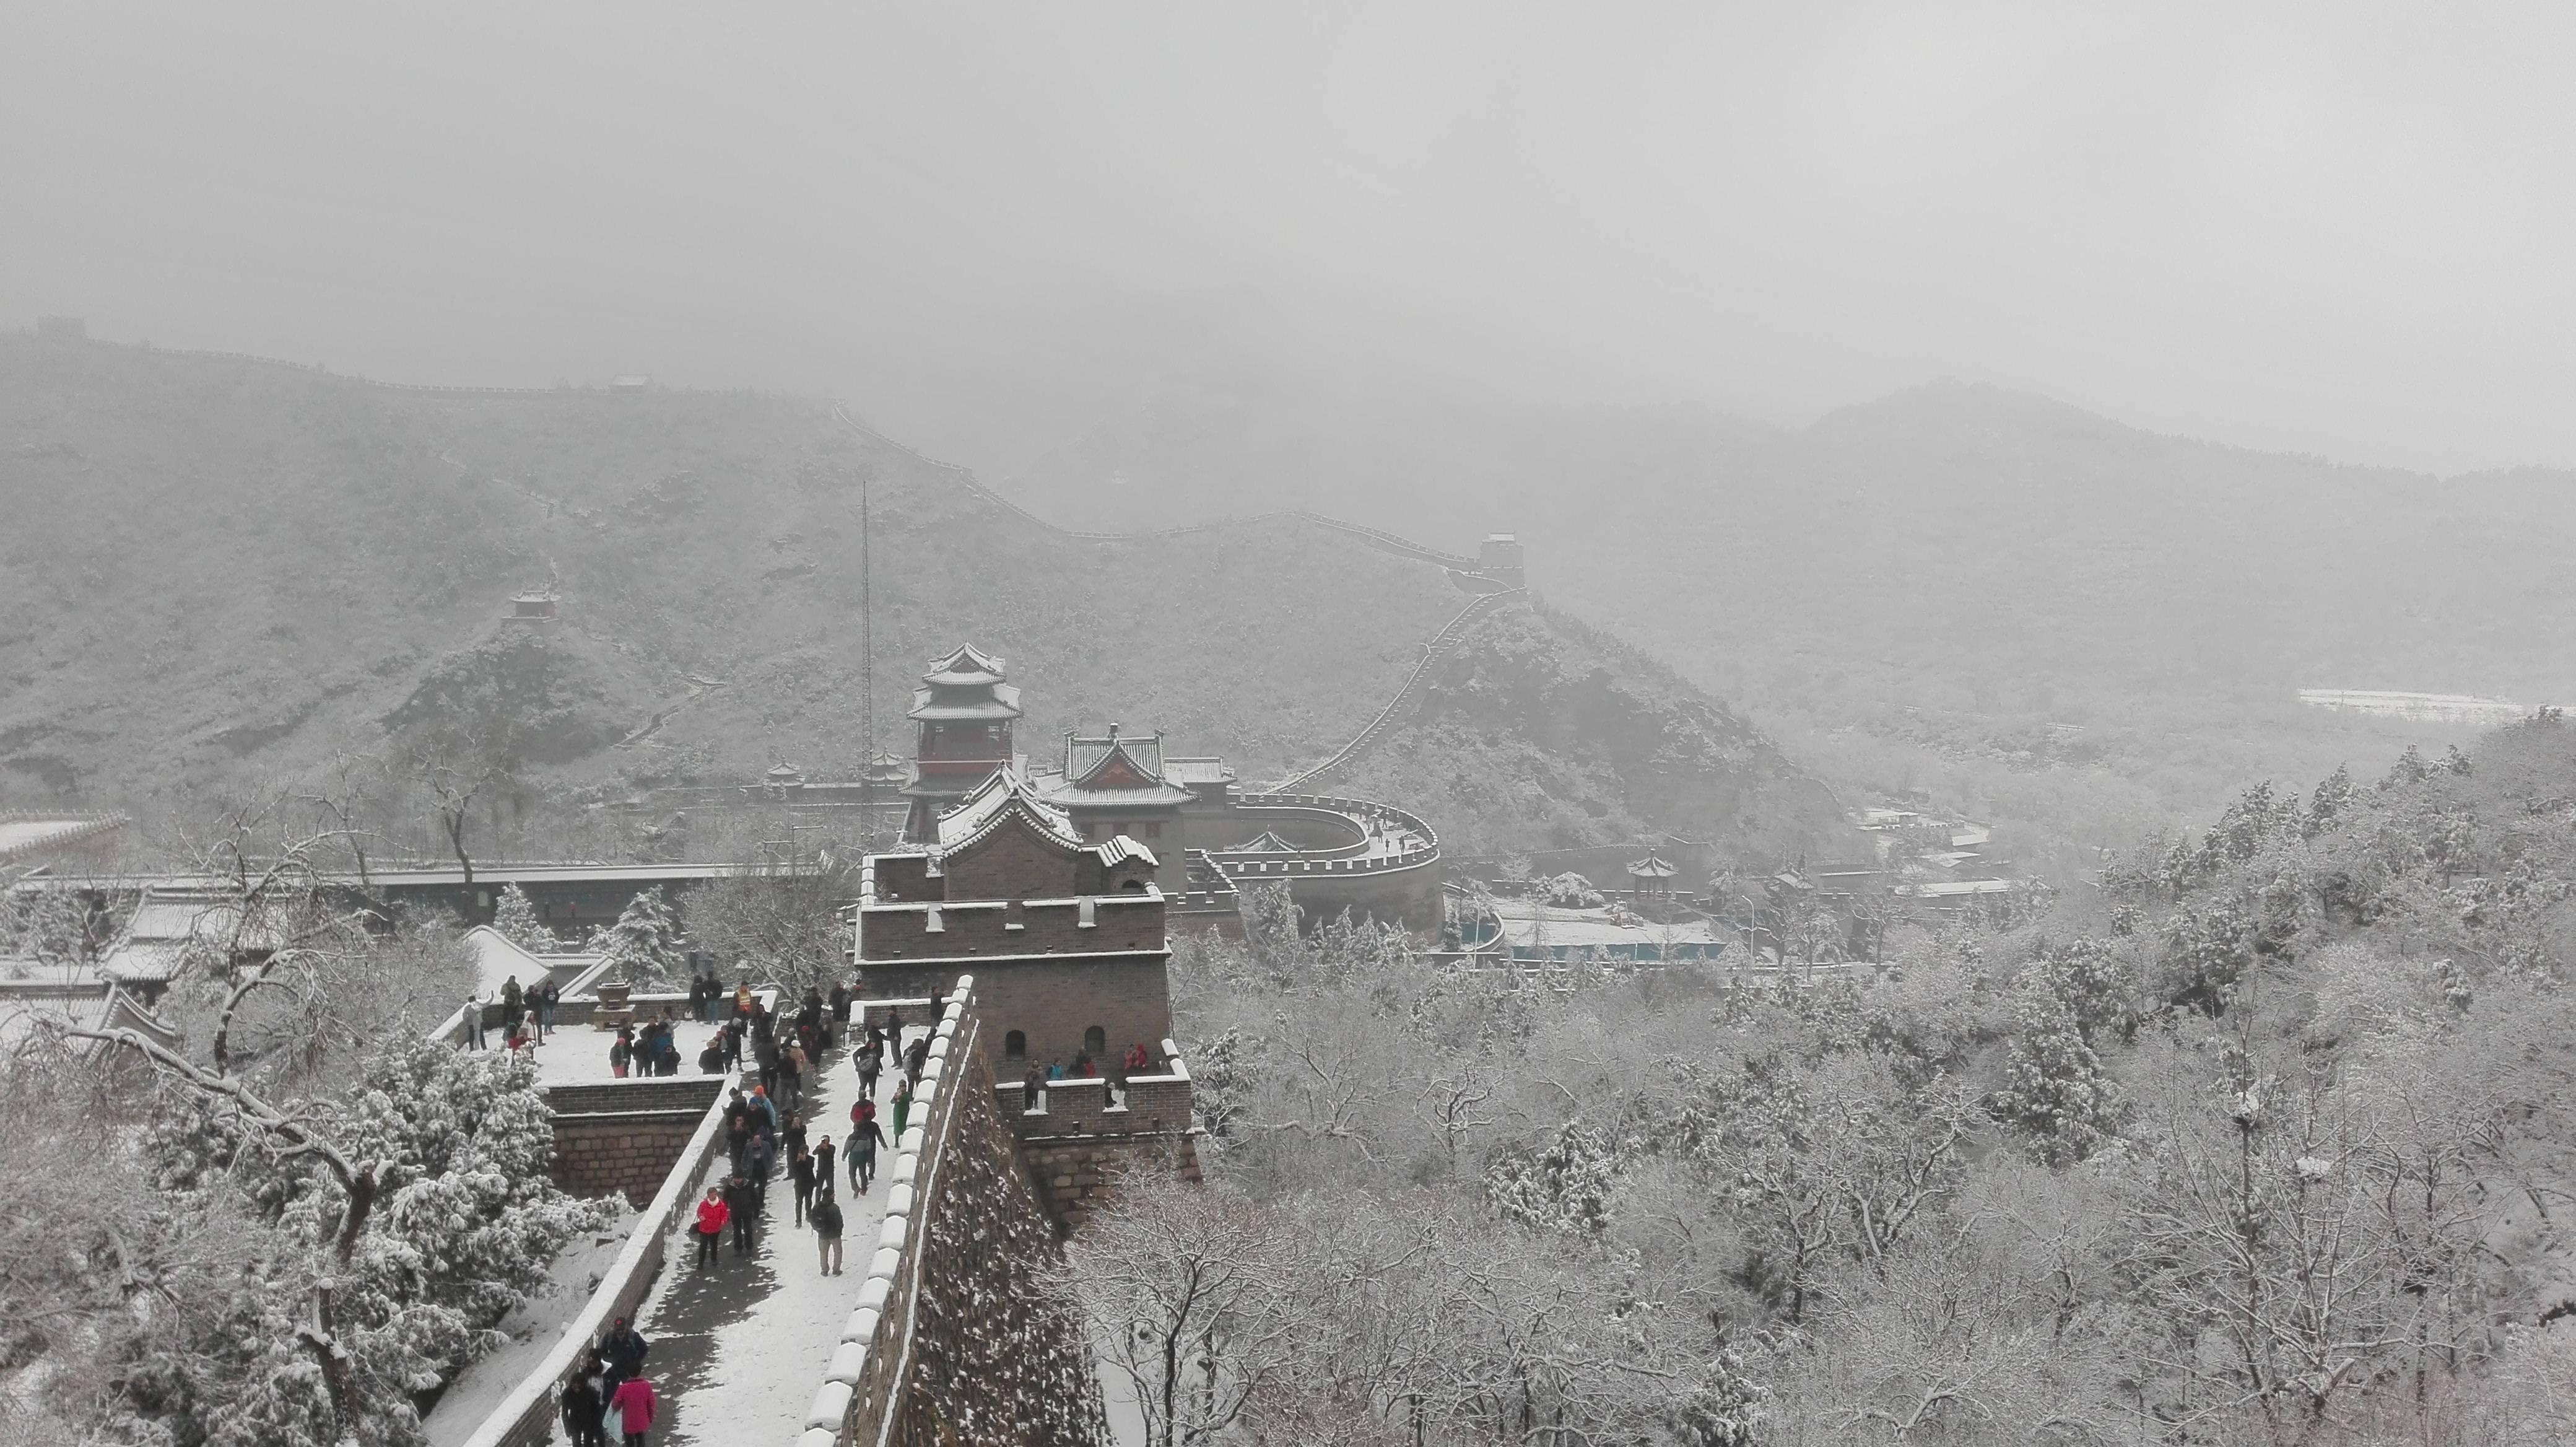 Photo 2: La Grande Muraille de Chine....sous la neige....